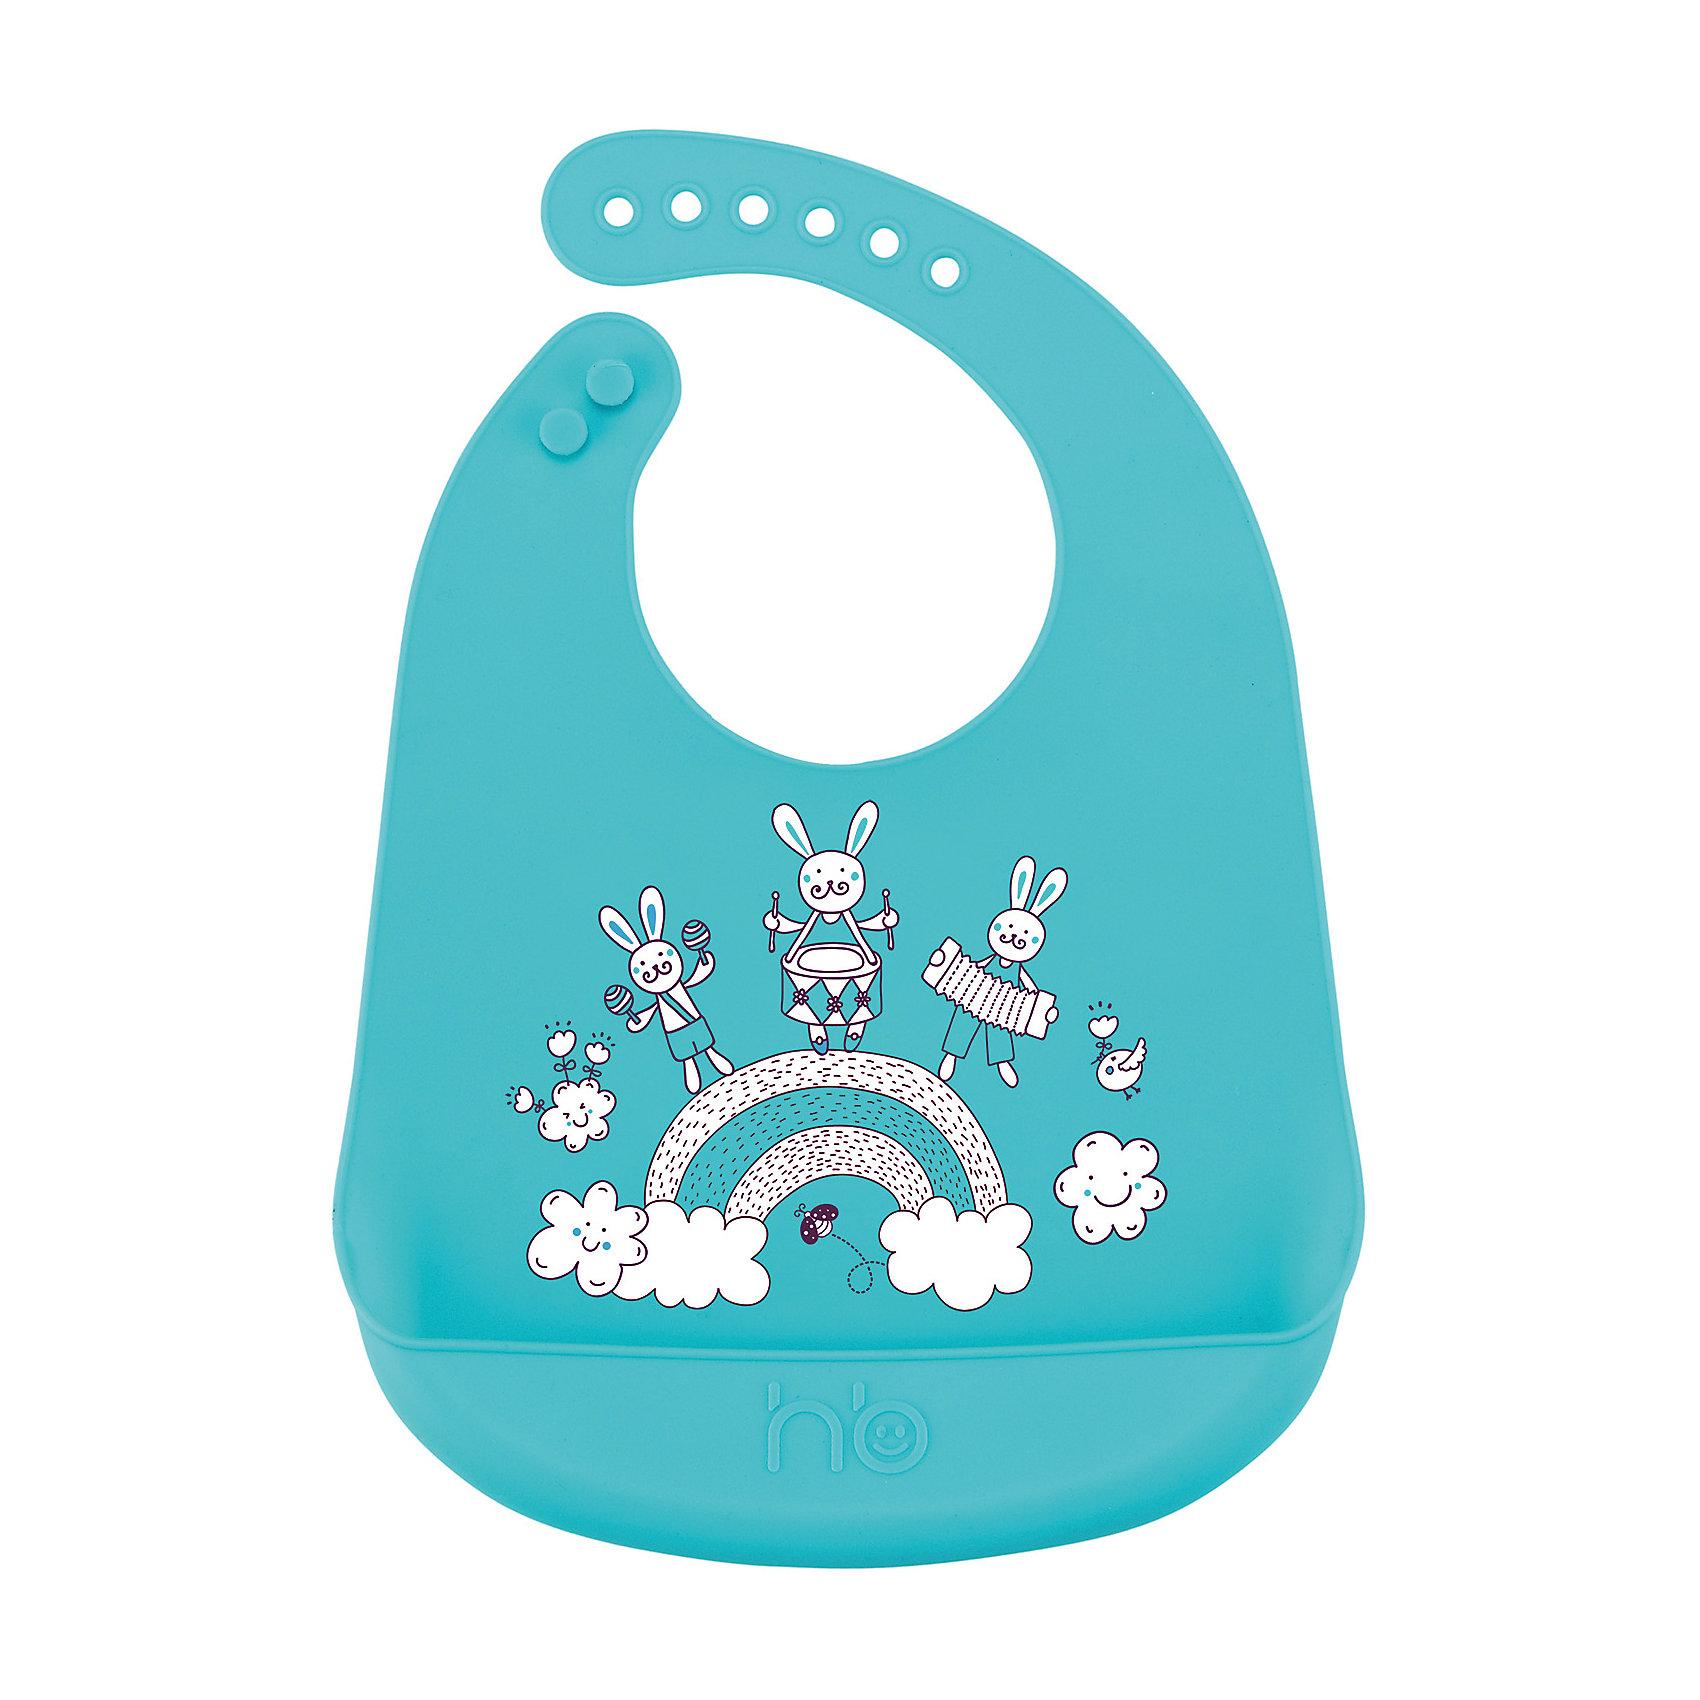 Нагрудник силиконовый мягкий Bib Pocket, Happy Baby, голубойНагрудник силиконовый мягкий Bib Pocket, Happy Baby, голубой – это практичный нагрудник с веселым дизайном.<br>Мягкий силиконовый нагрудник с карманом — незаменимая вещь при кормлении малыша. Максимум комфорта для ребёнка и минимум уборки для мамы. Компактный и удобный в использовании для дома, детского сада, поездок, прогулок. Он компактно сворачивается и легко помещается в любую сумку. Не требует стирки. Нагрудник достаточно протереть тряпочкой или салфеткой. Кармашек для улавливания пролитой еды отлично защищает одежду от загрязнений. У нагрудника Bib Pocket удобная регулируемая застежка с надежной фиксацией. С ним приём пищи станет комфортнее и удобнее.<br><br>Дополнительная информация:<br><br>- Возраст: от 6 месяцев<br>- Материал: силикон<br>- Цвет: голубой<br><br>Нагрудник силиконовый мягкий Bib Pocket, Happy Baby, голубой можно купить в нашем интернет-магазине.<br><br>Ширина мм: 9999<br>Глубина мм: 9999<br>Высота мм: 9999<br>Вес г: 80<br>Возраст от месяцев: 0<br>Возраст до месяцев: 36<br>Пол: Унисекс<br>Возраст: Детский<br>SKU: 4047270